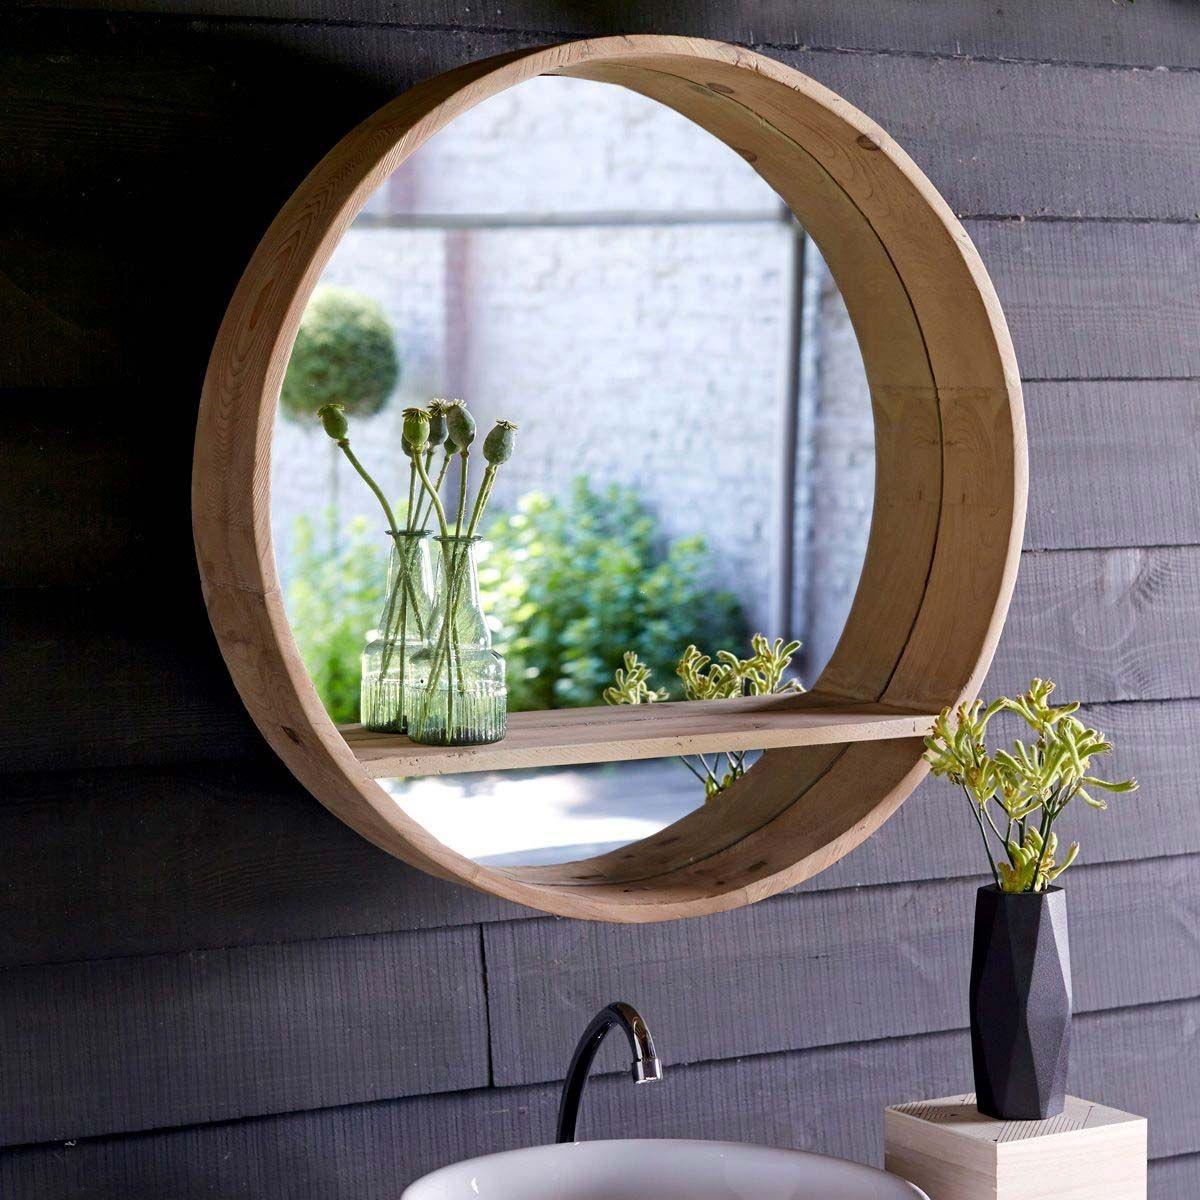 19 idées déco de miroir avec rangement | Miroir rond salle de bains, Miroir rond et Idée déco miroir